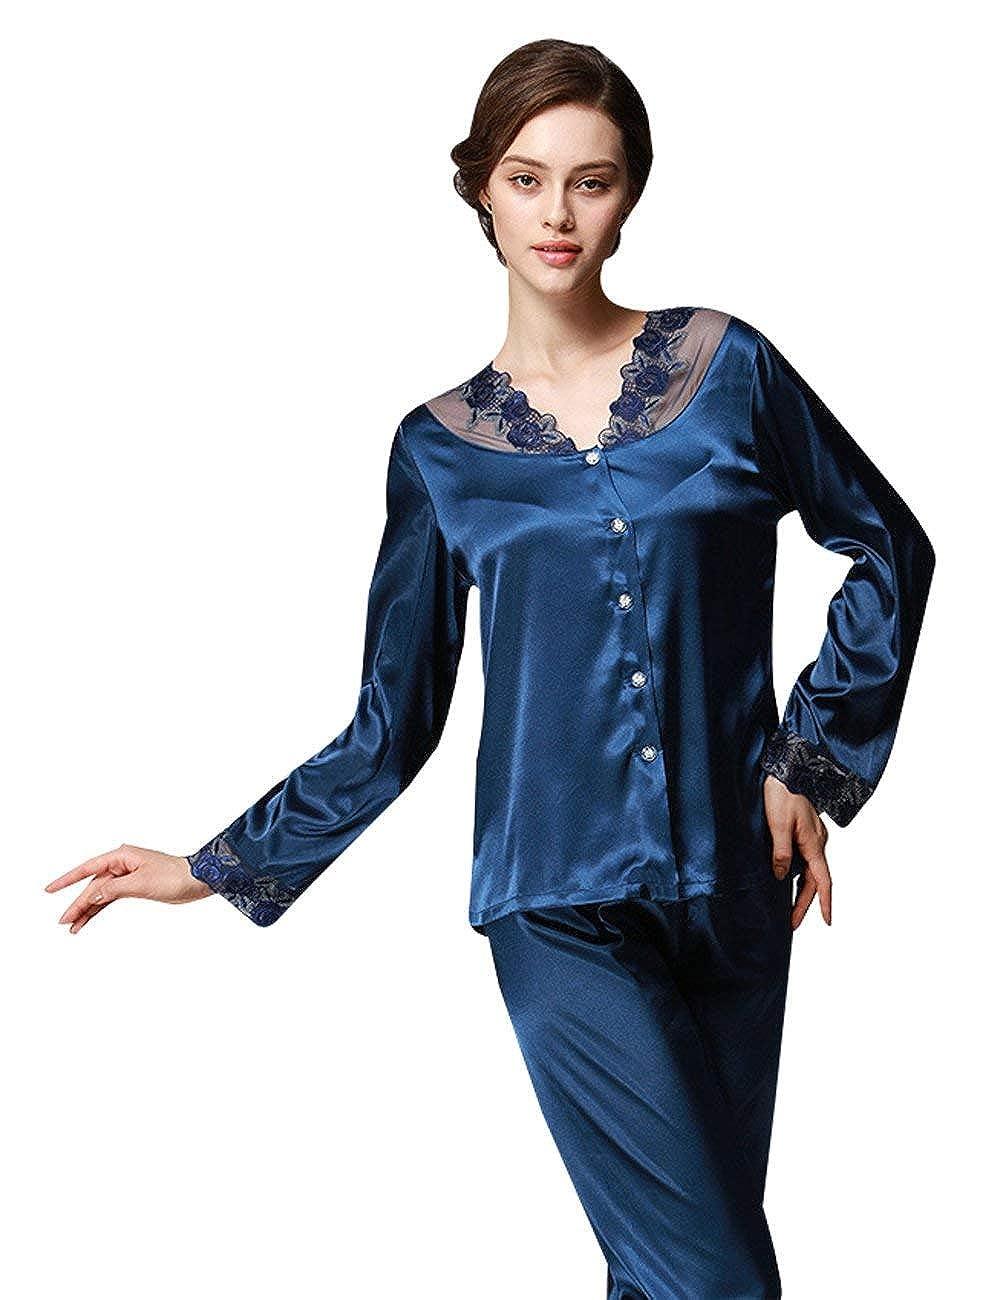 Donna Vestaglia Elegante Moda alla Moda Pigiama Sleepwear Pantalone Tops  Pigiama Moda Due Pezzi Set da cd02959e9a8